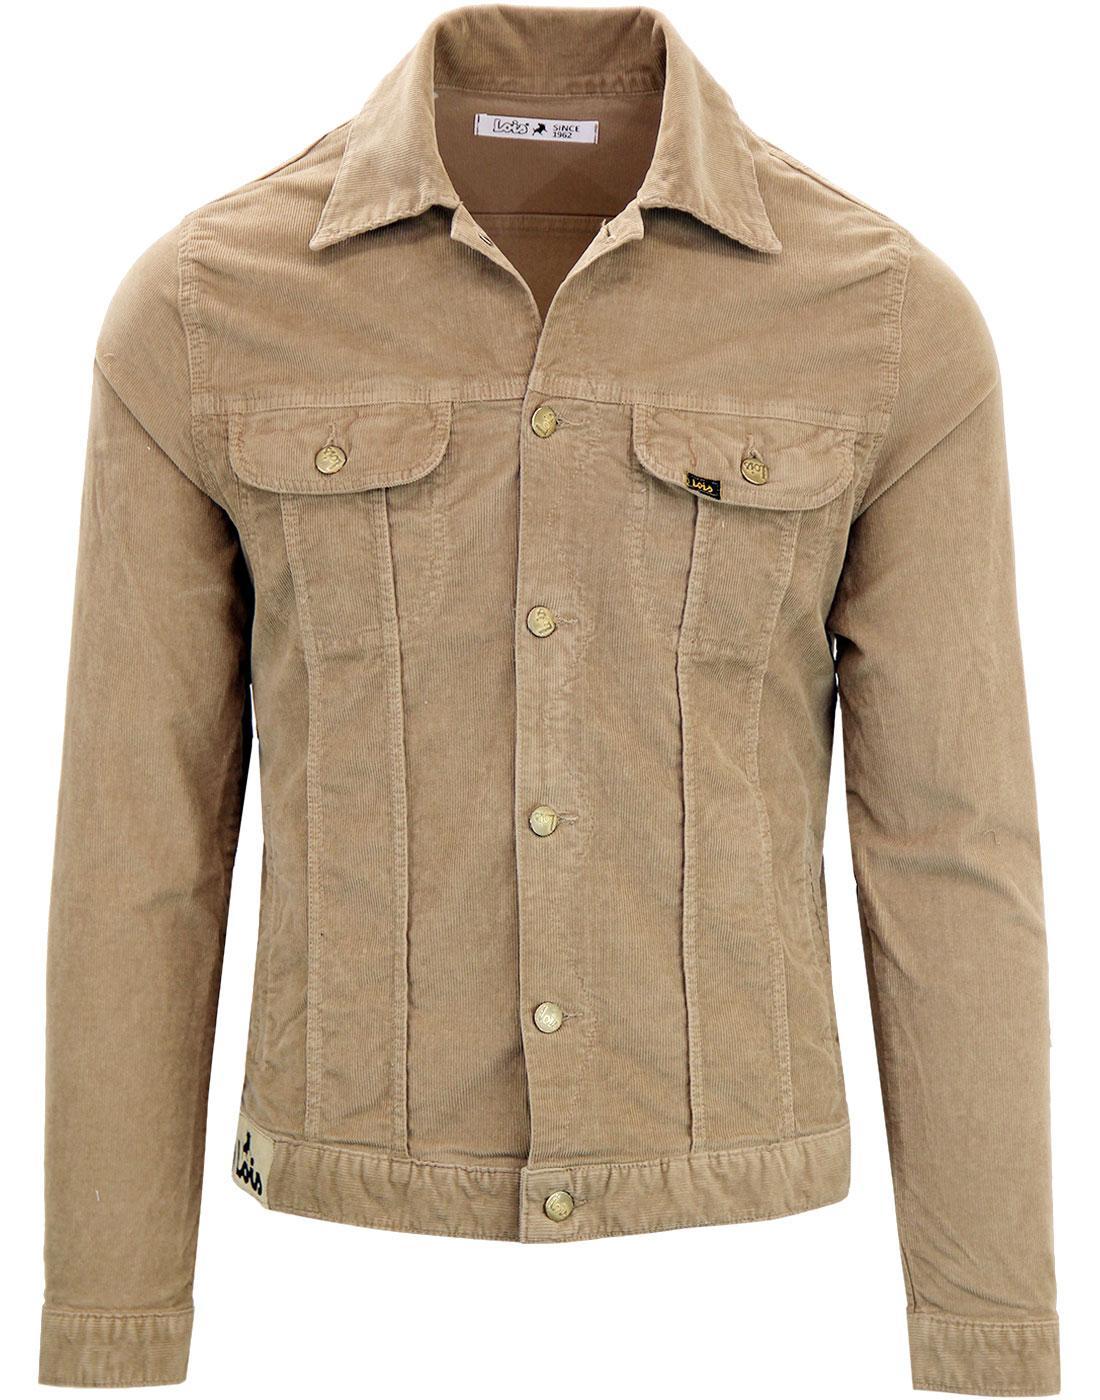 Tejana LOIS Retro 70's Mod Thin Cord Jacket (S)